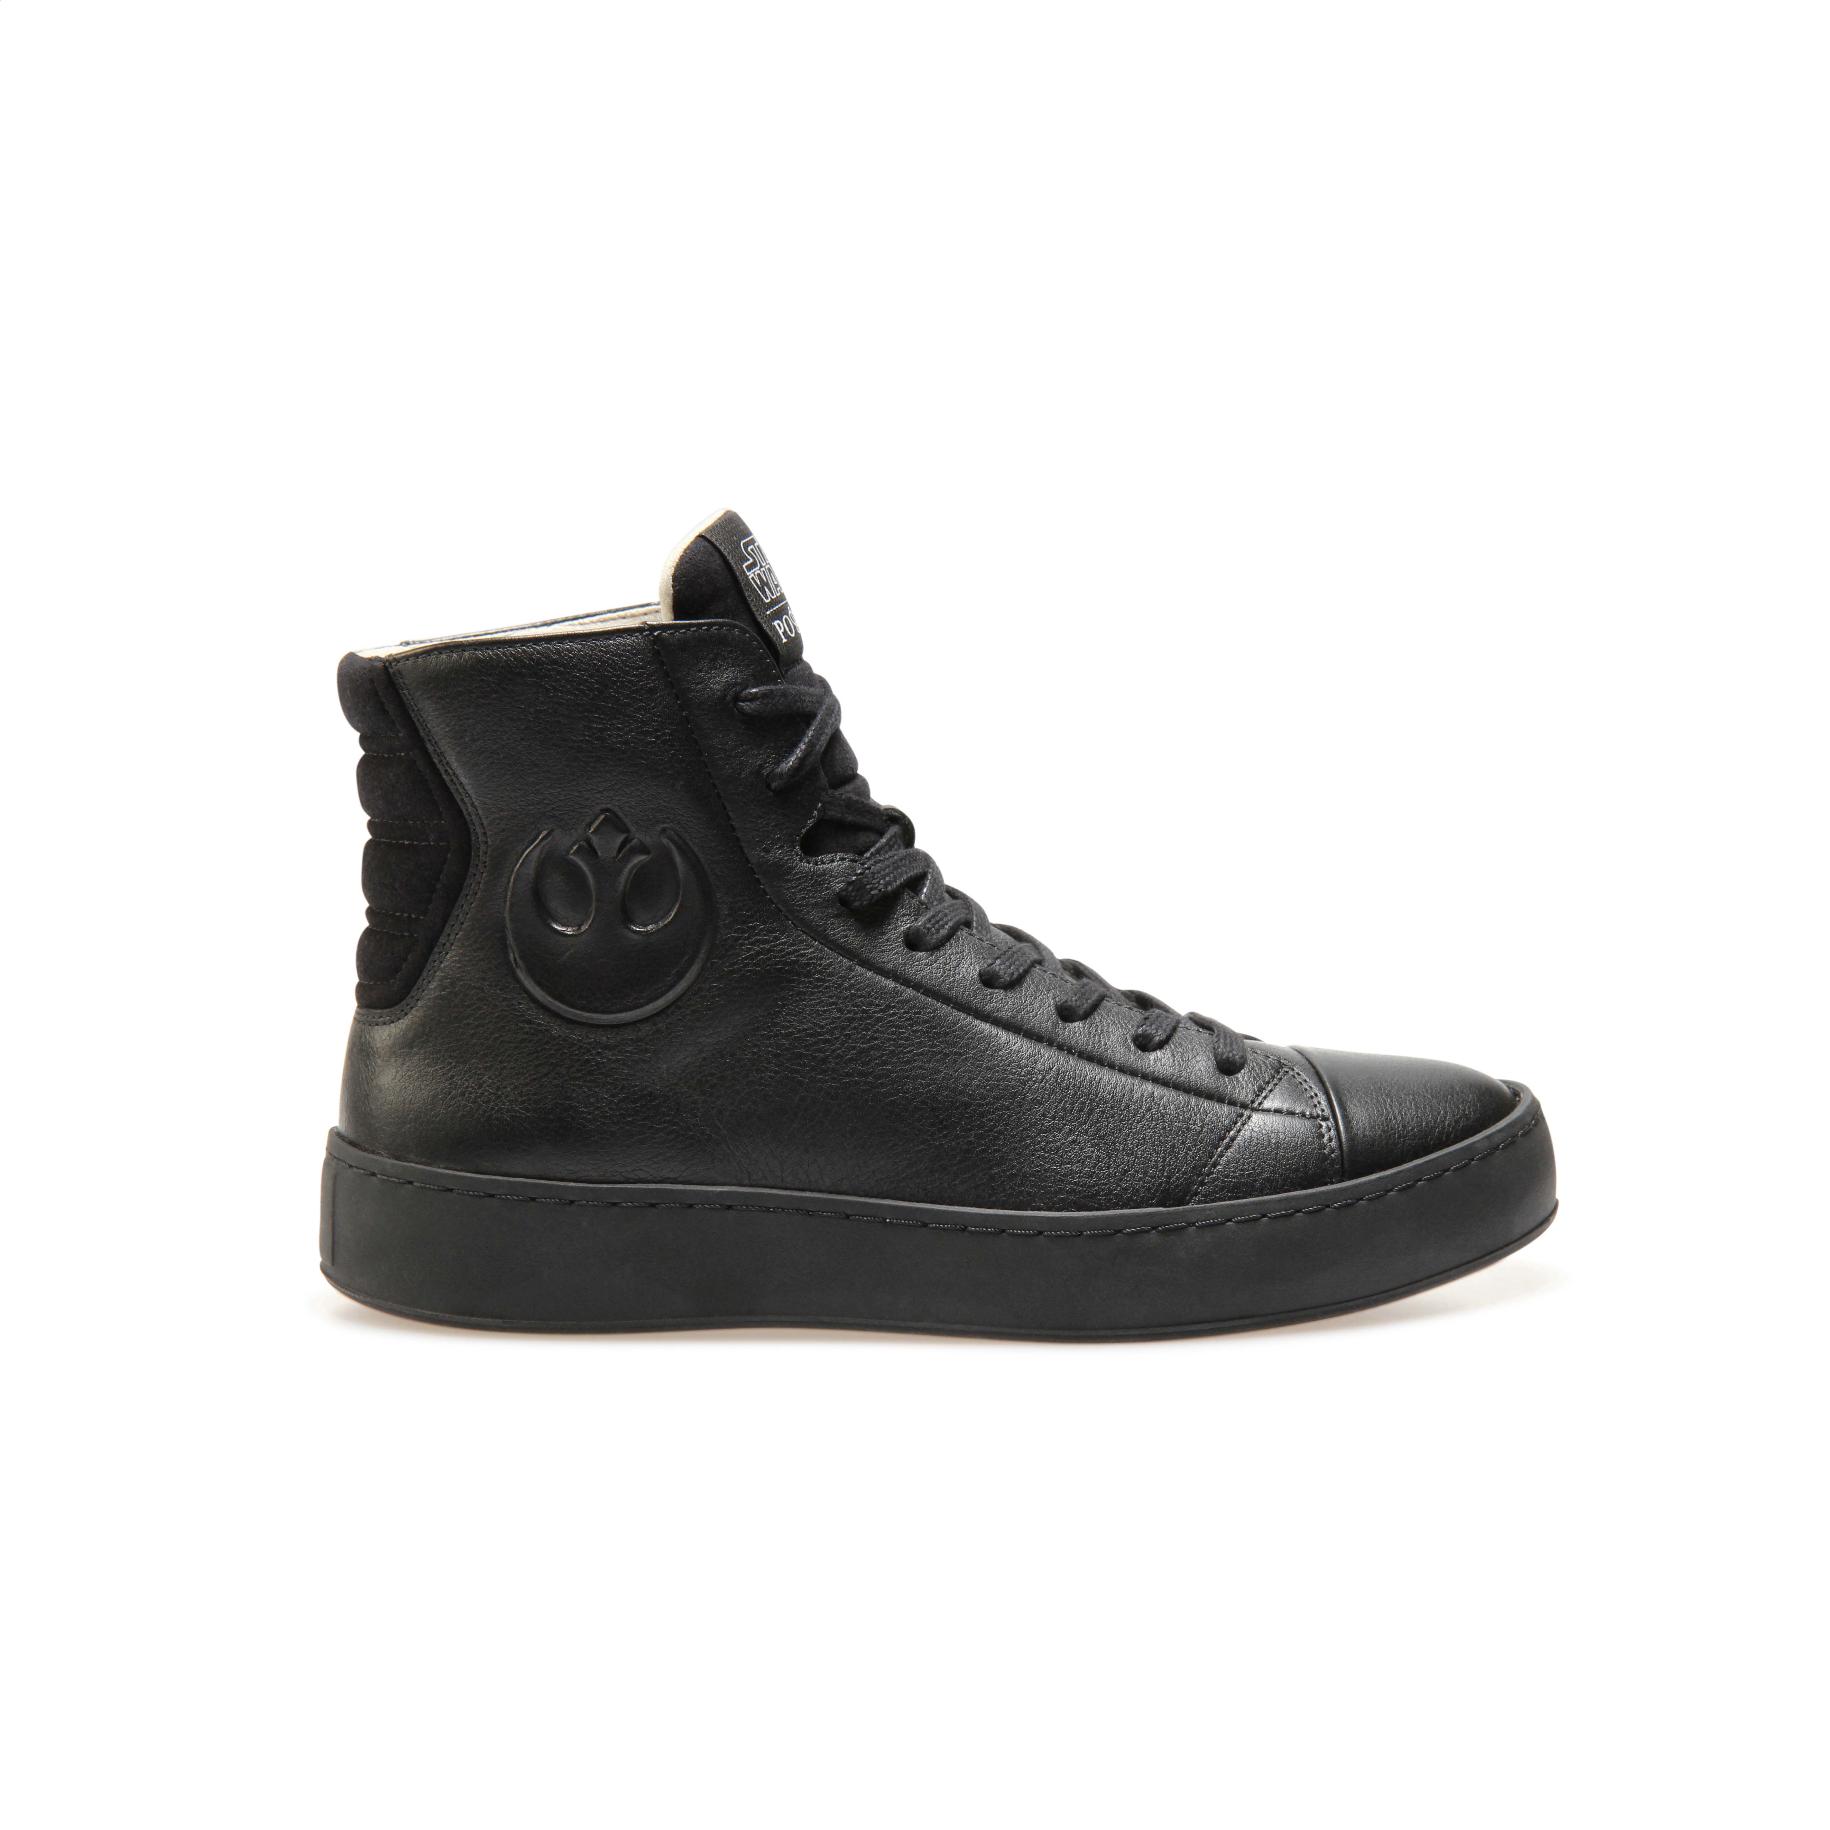 PO-ZU Star Wars Sneakers